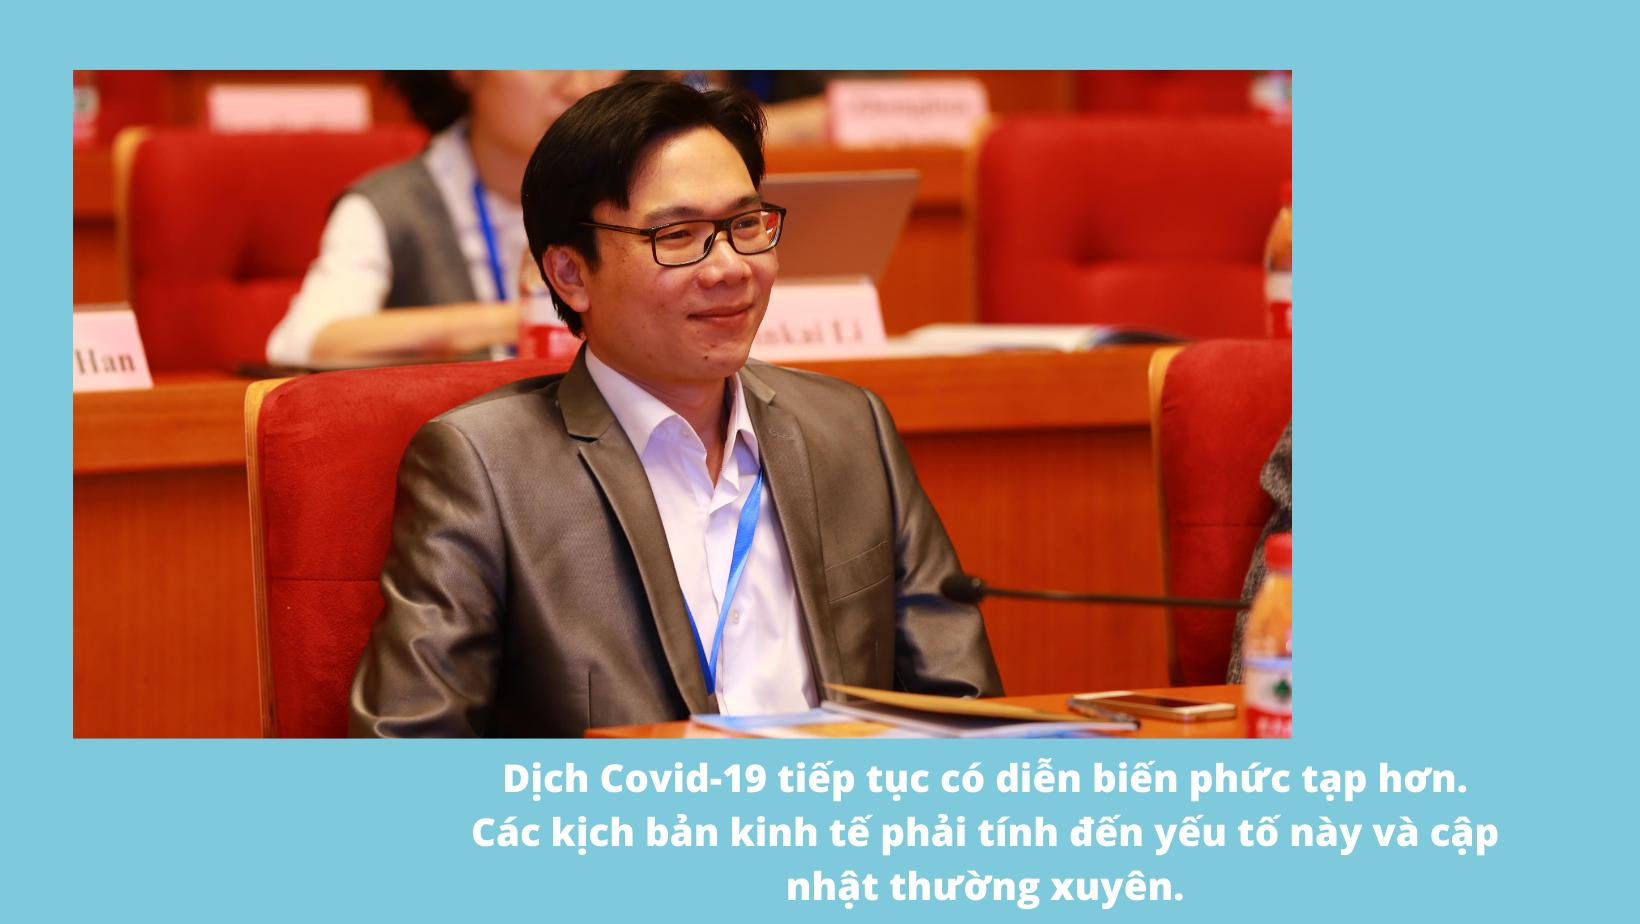 GS. Nguyễn Đức Khương: 2 động lực mới của Việt Nam nhiều dư địa phát triển - 4